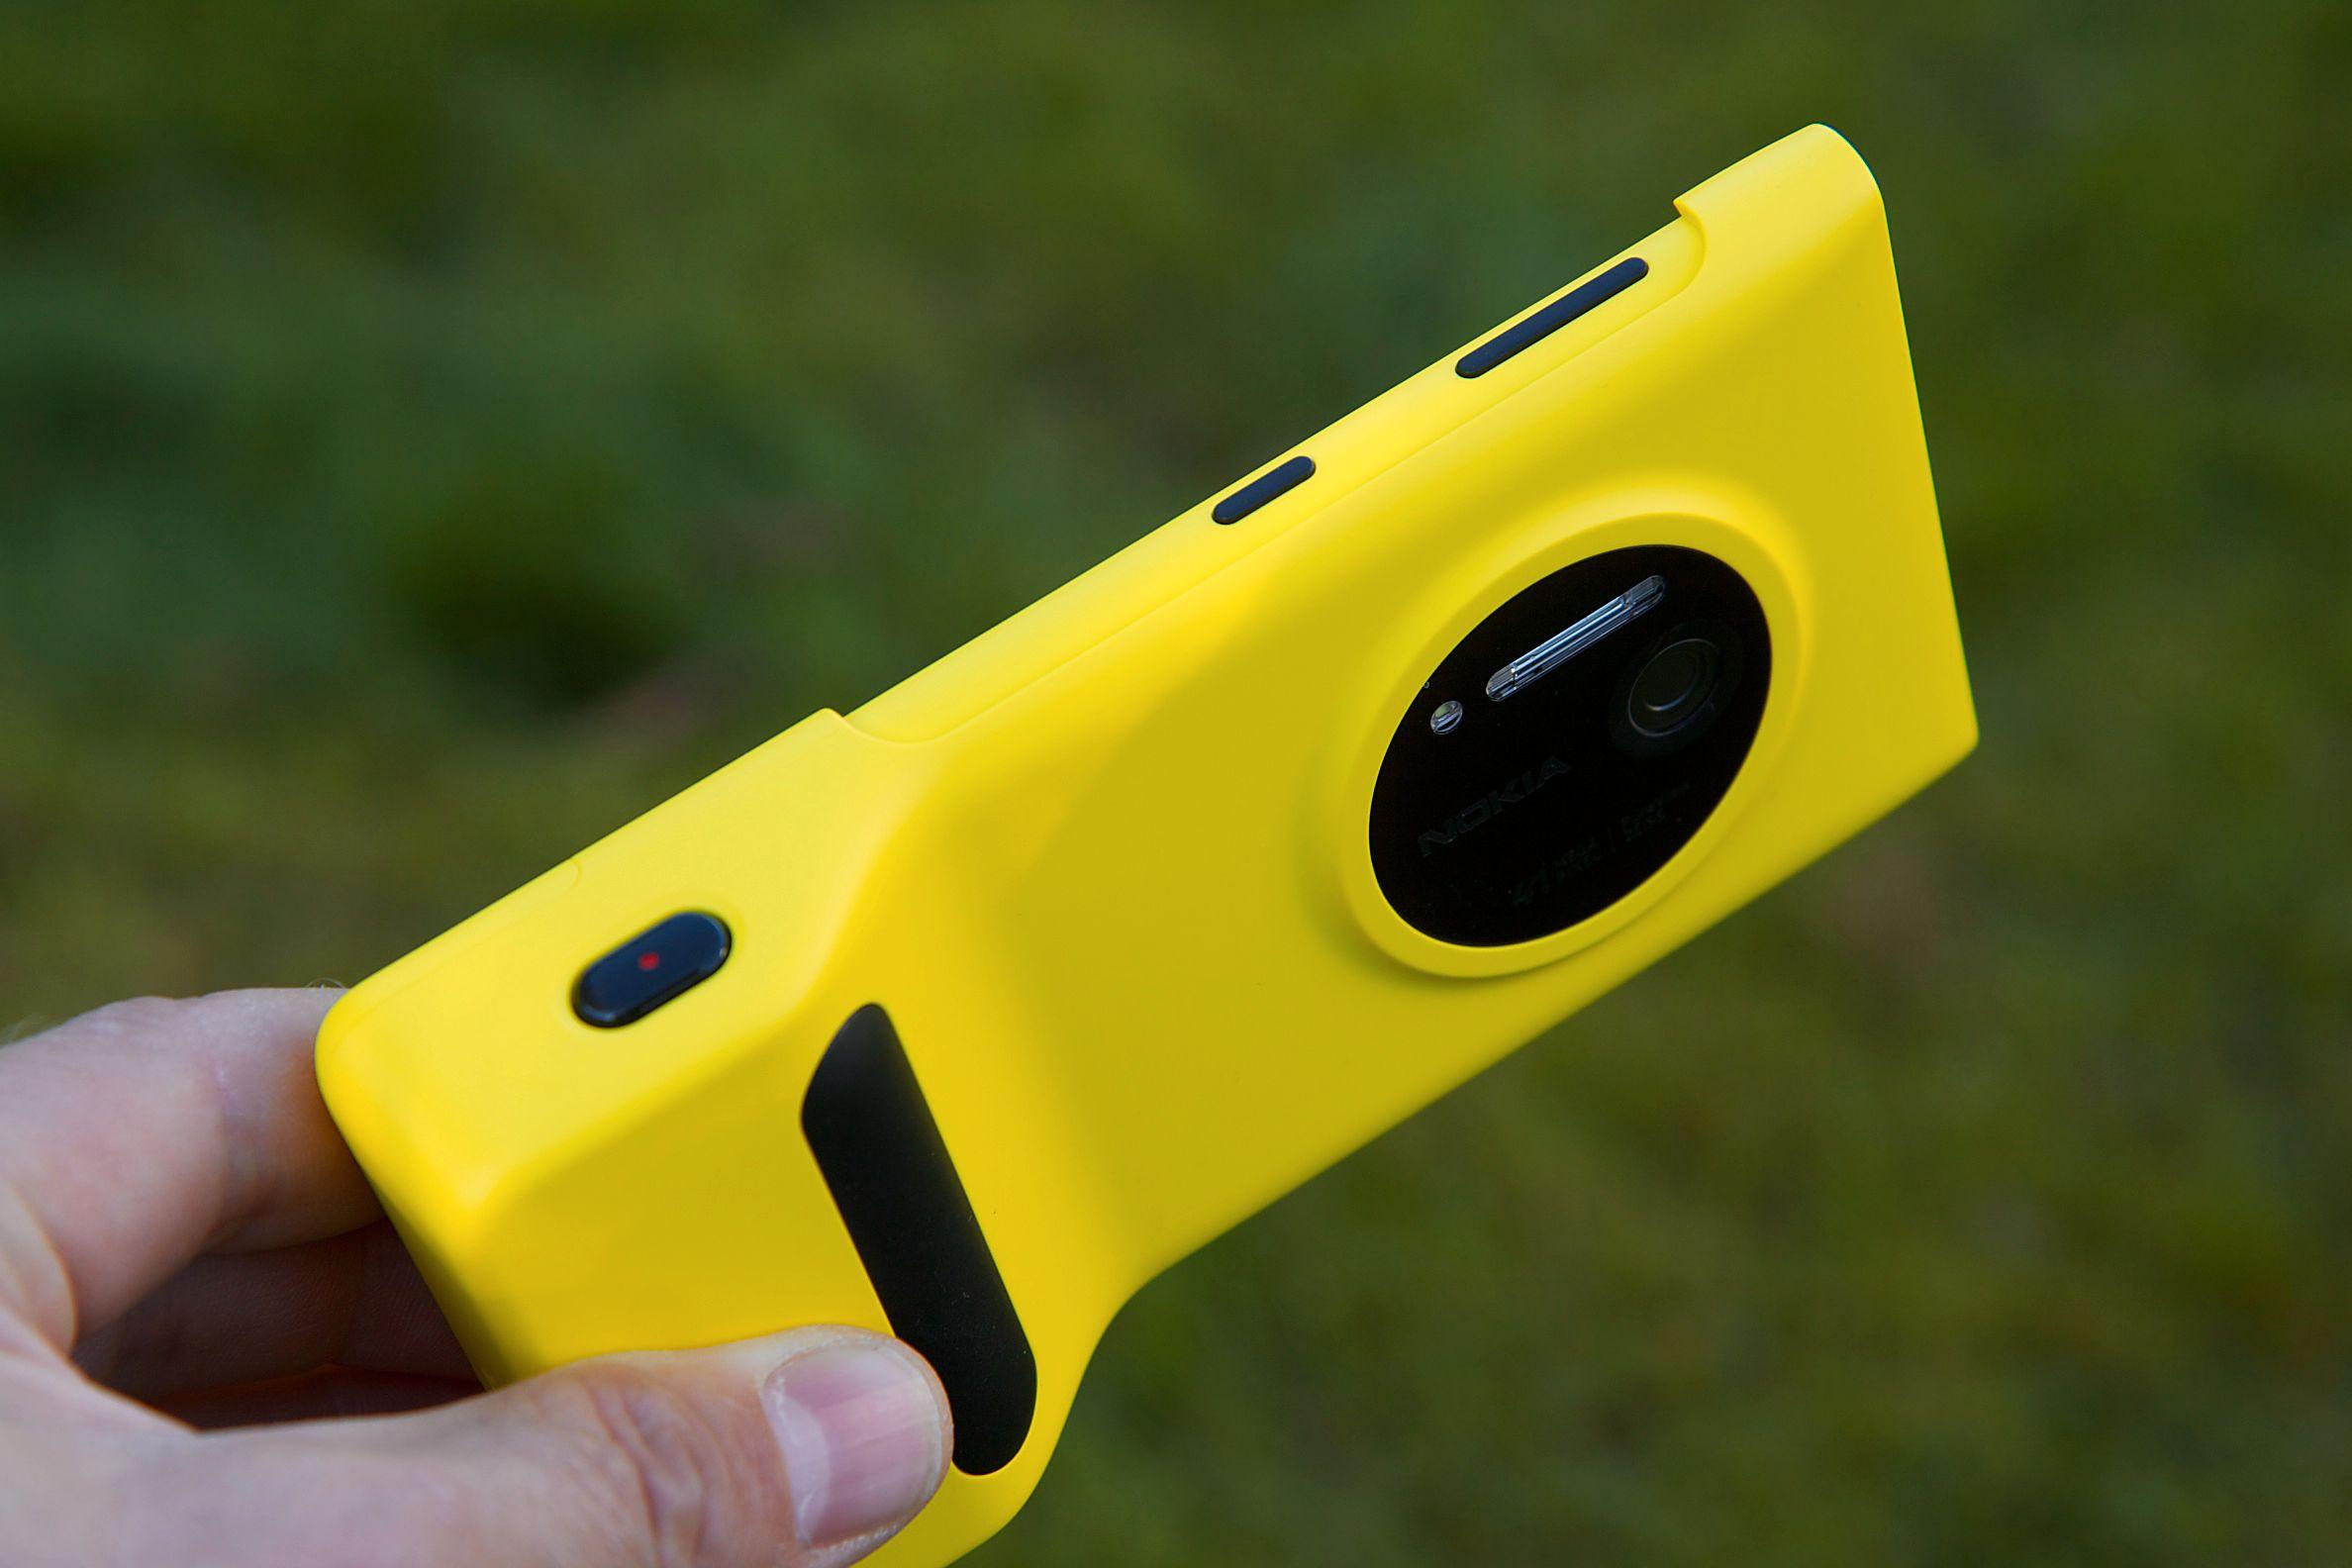 Nokia Lumia 1020.Foto: Kurt Lekanger, Amobil.no